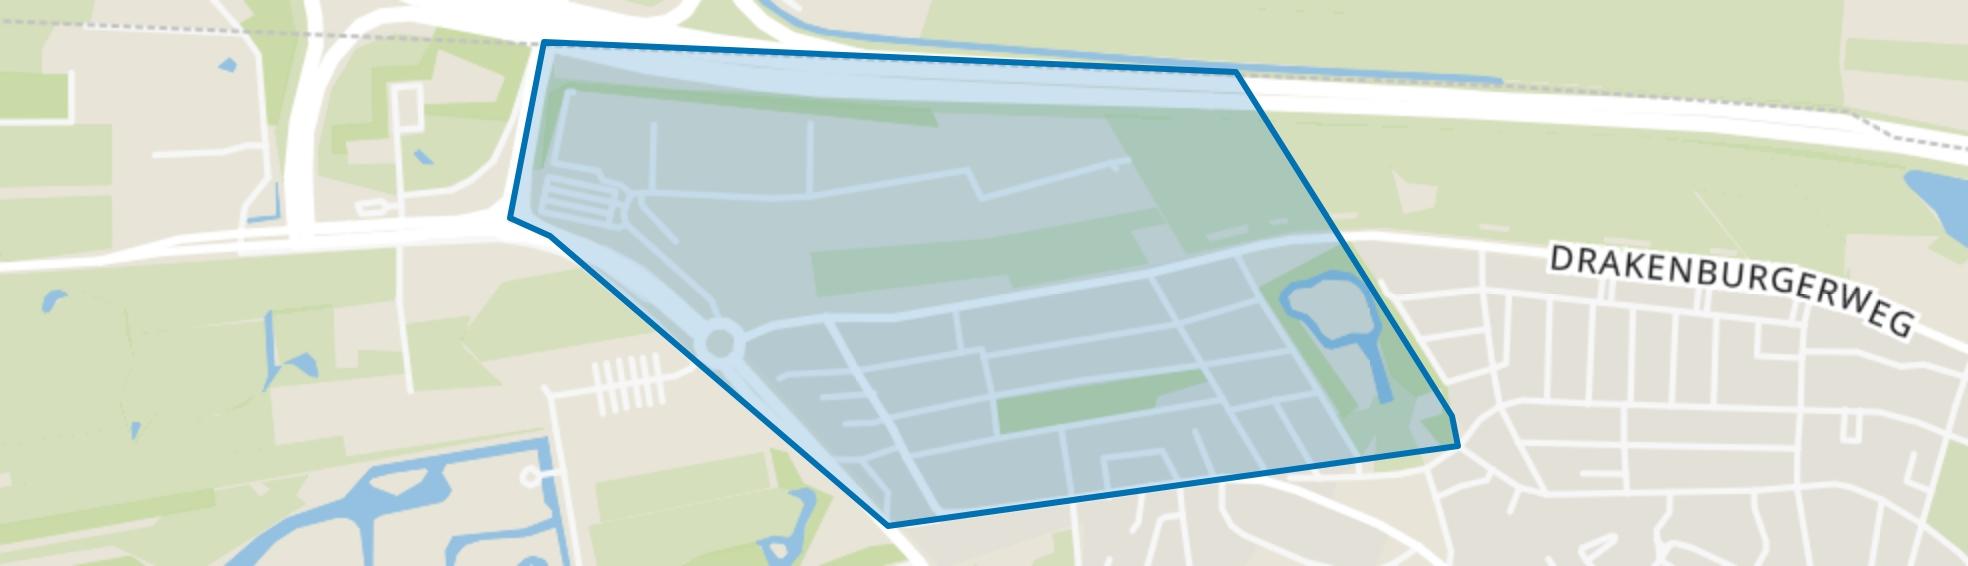 Componistenwijk, Baarn map